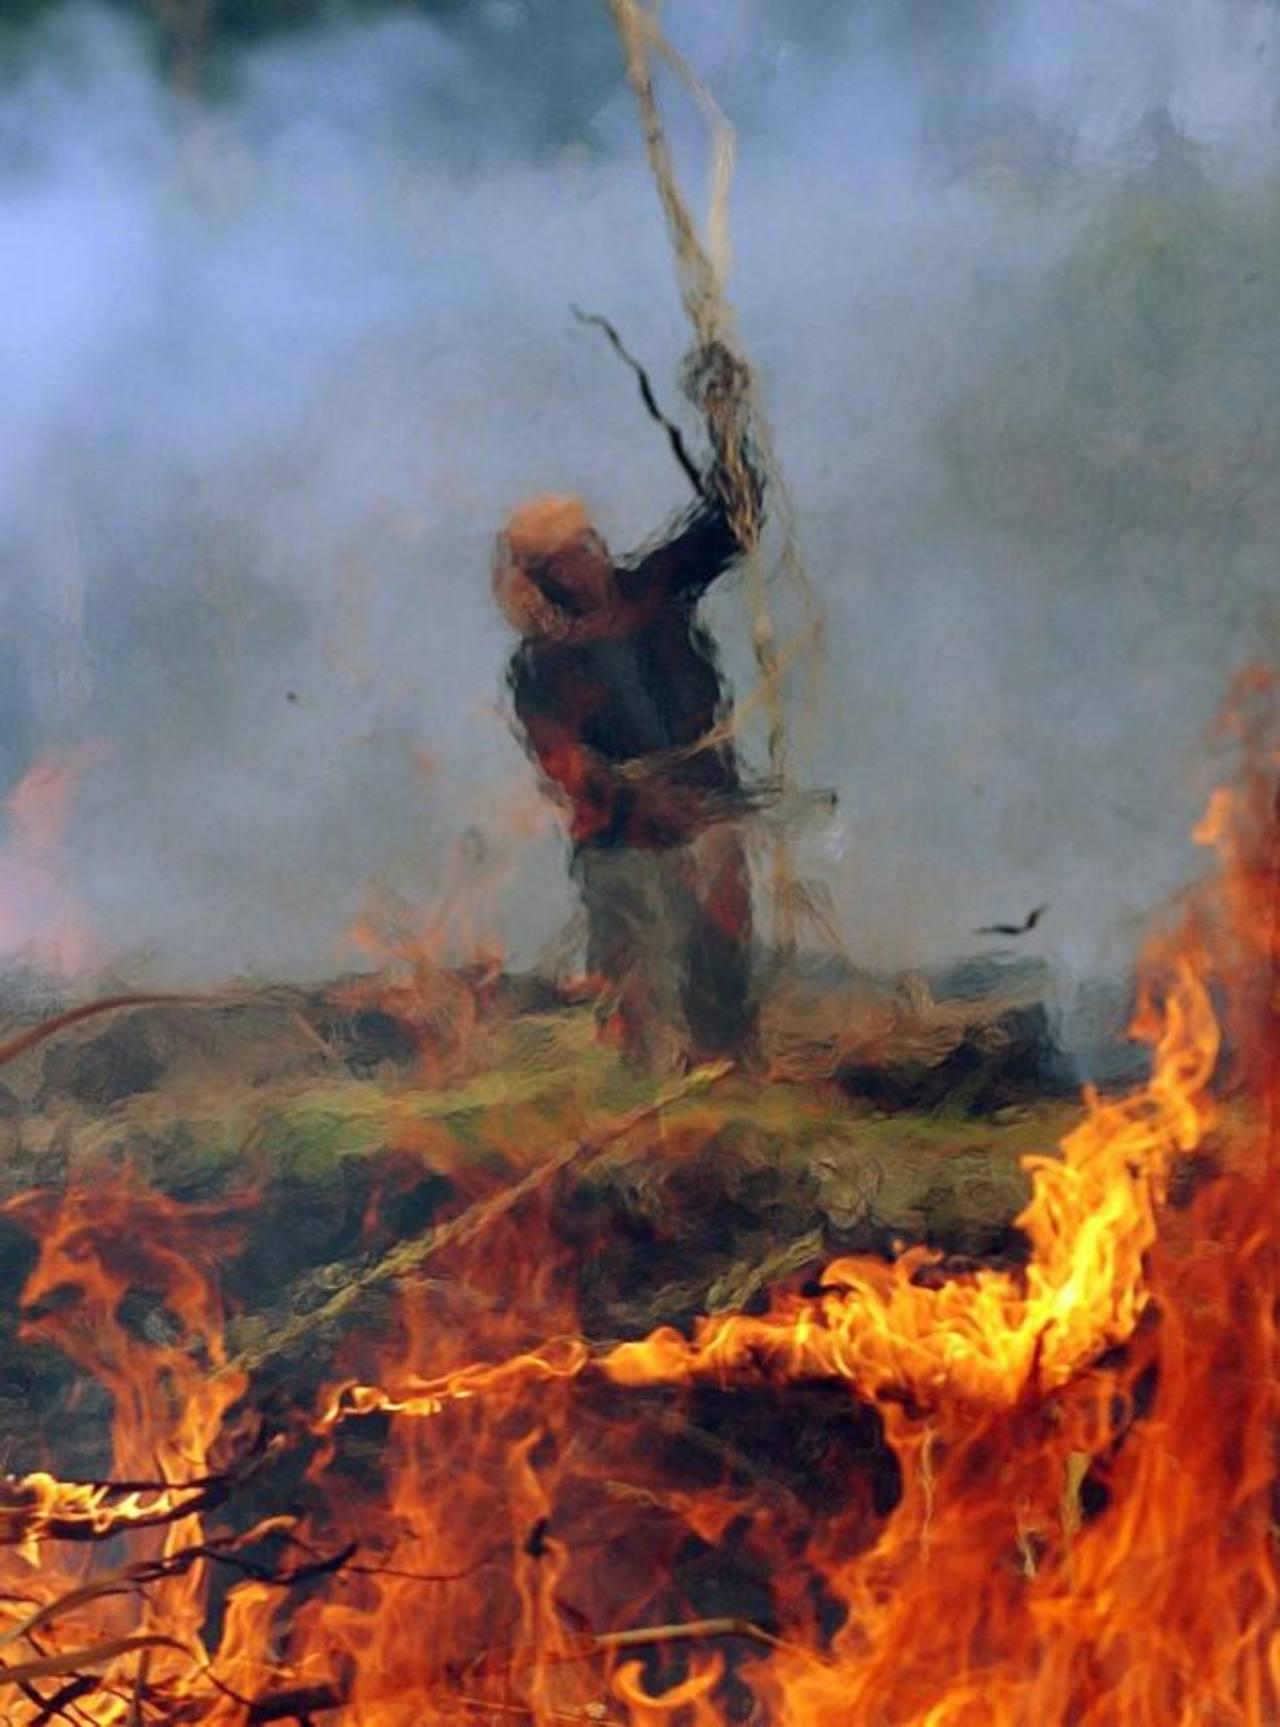 Uno de los objetivos propuesto es eliminar las quemas en cosecha de caña.